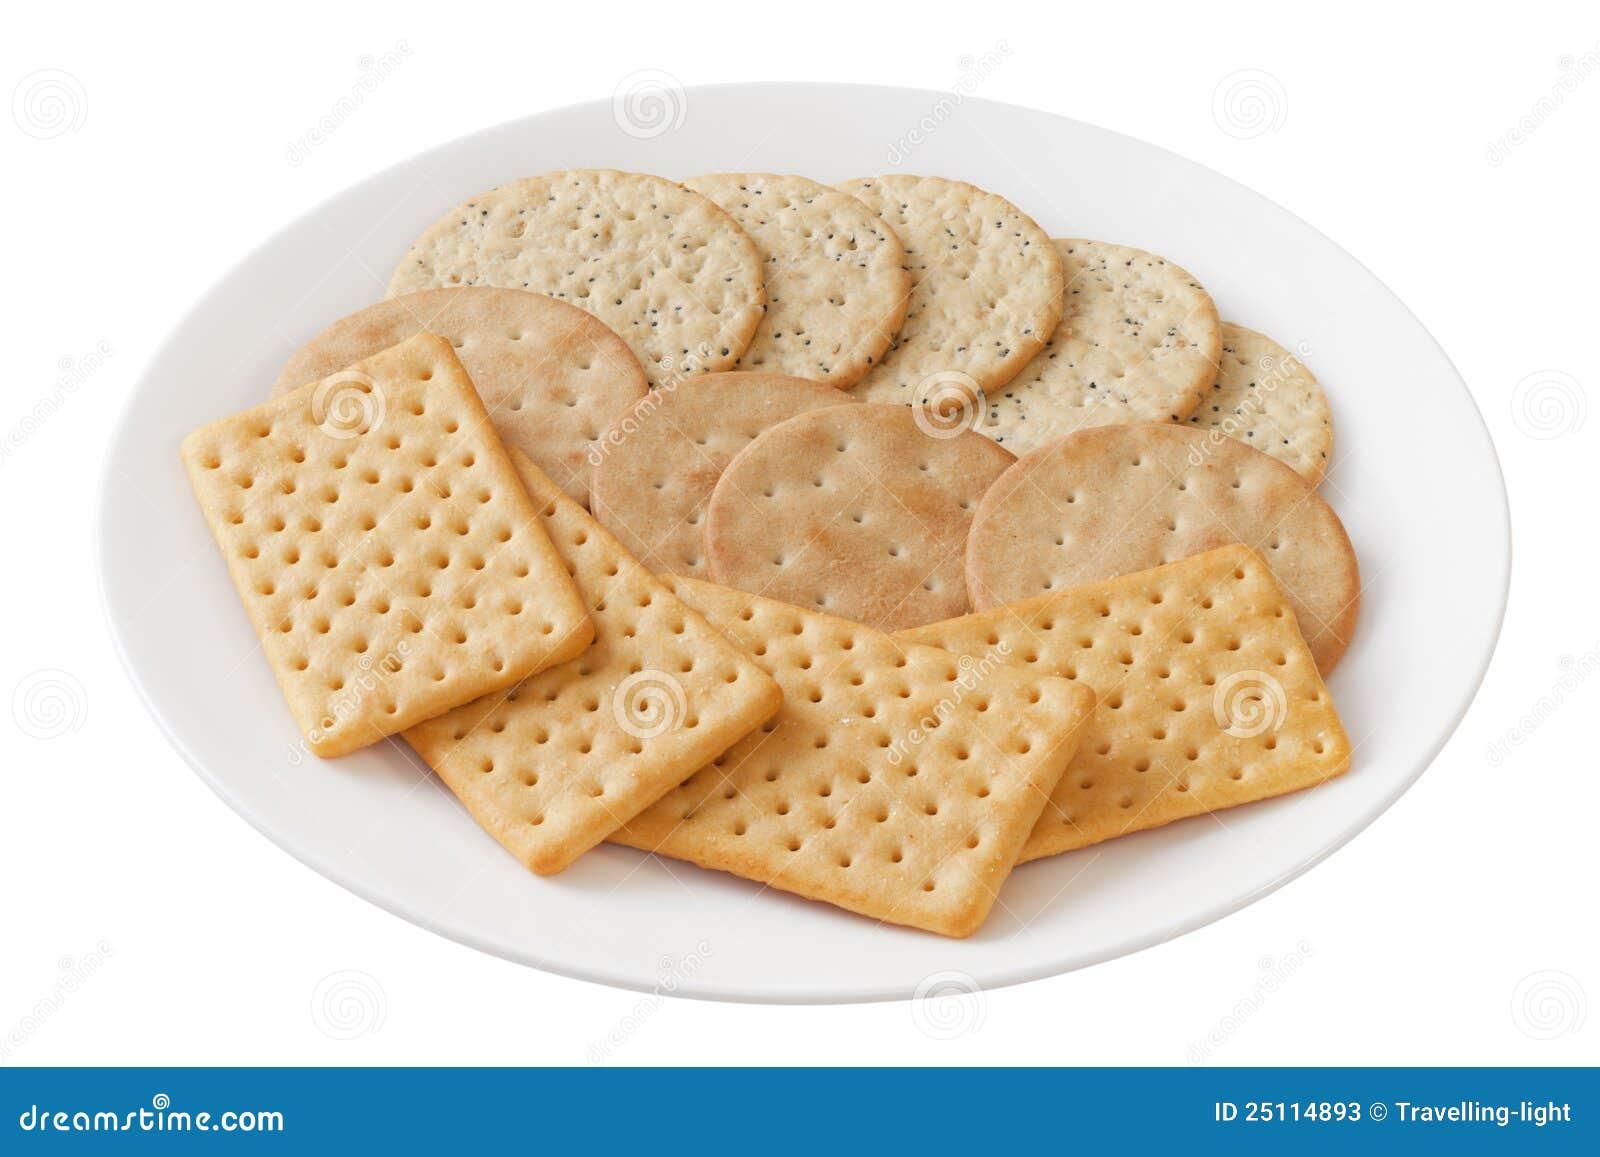 Image Result For Cracker White